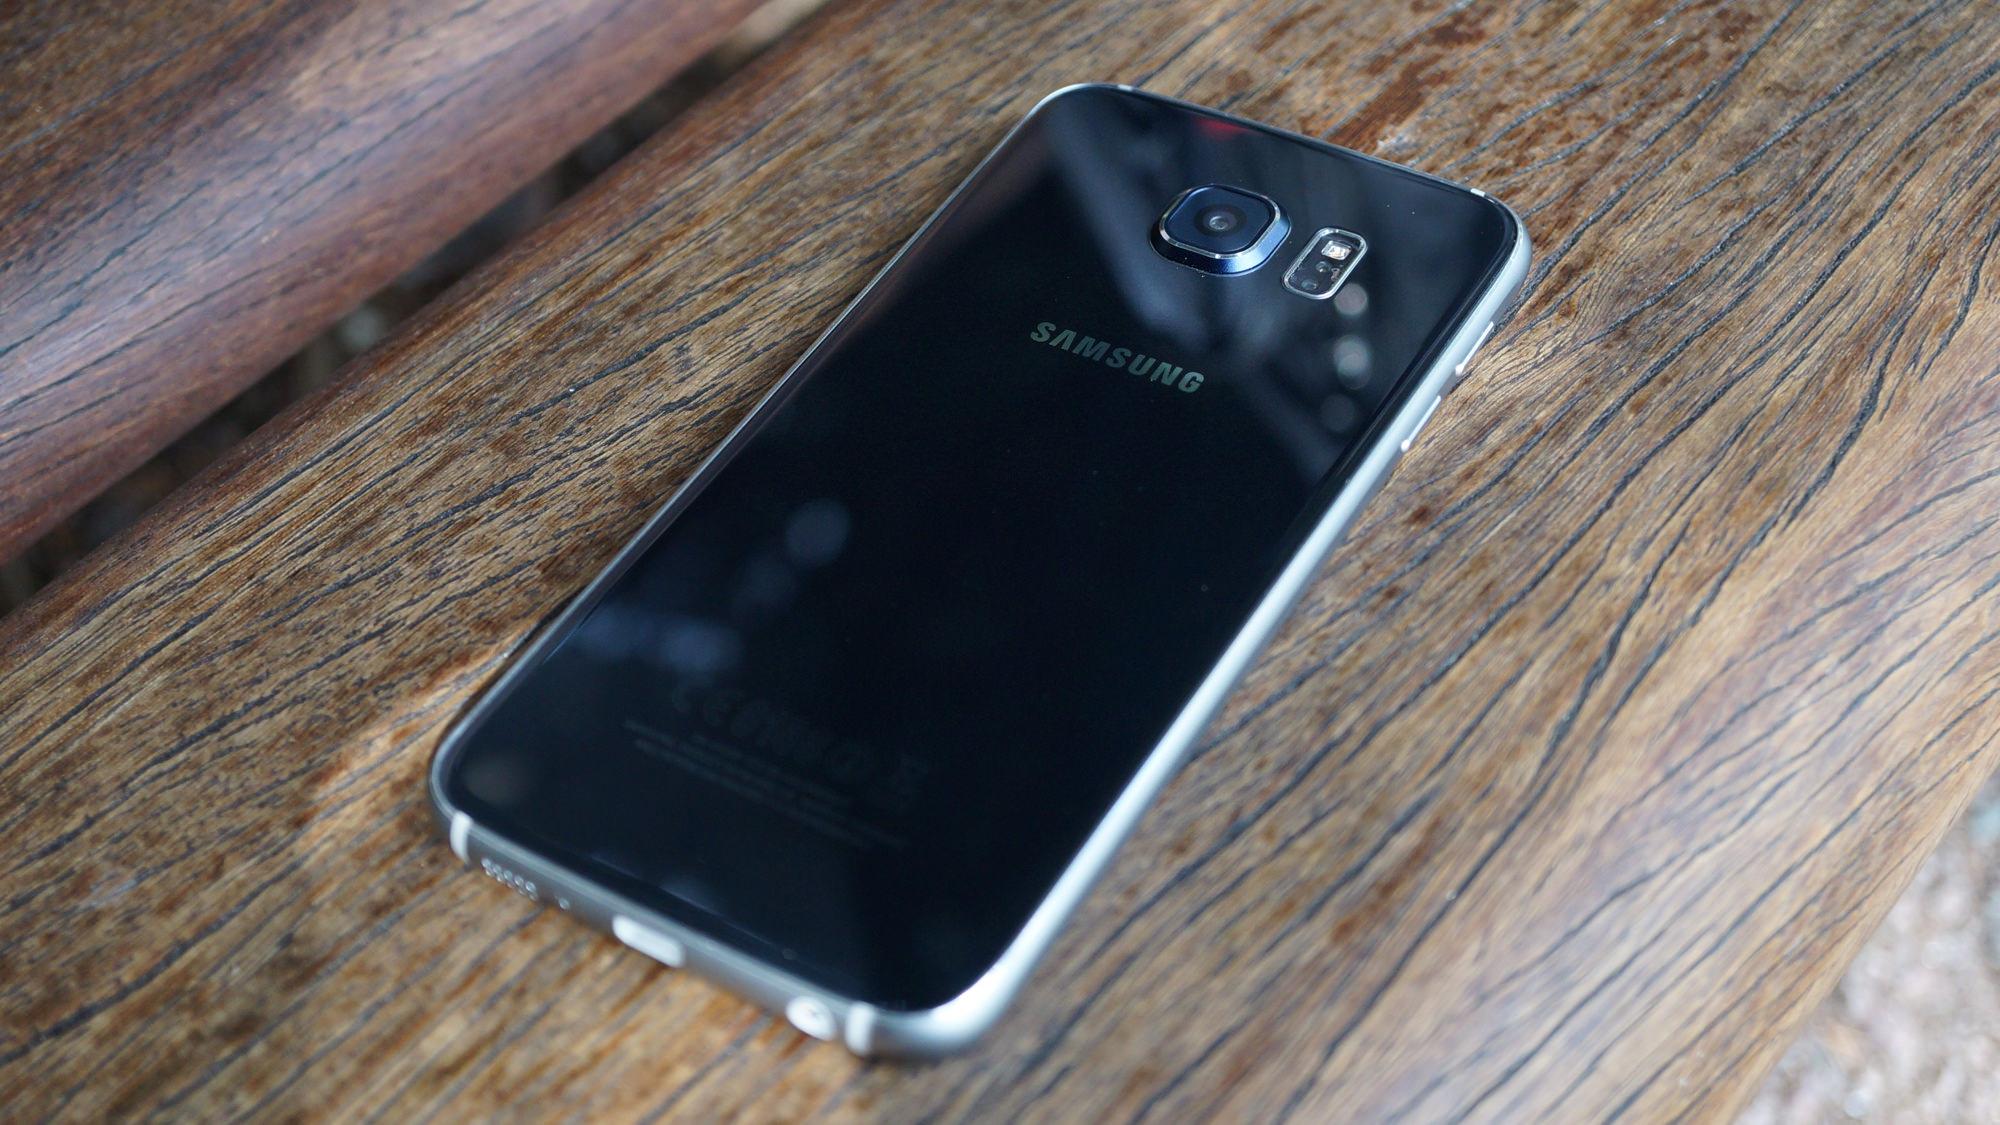 Samsung_Galaxy_S6_Recension_baksida